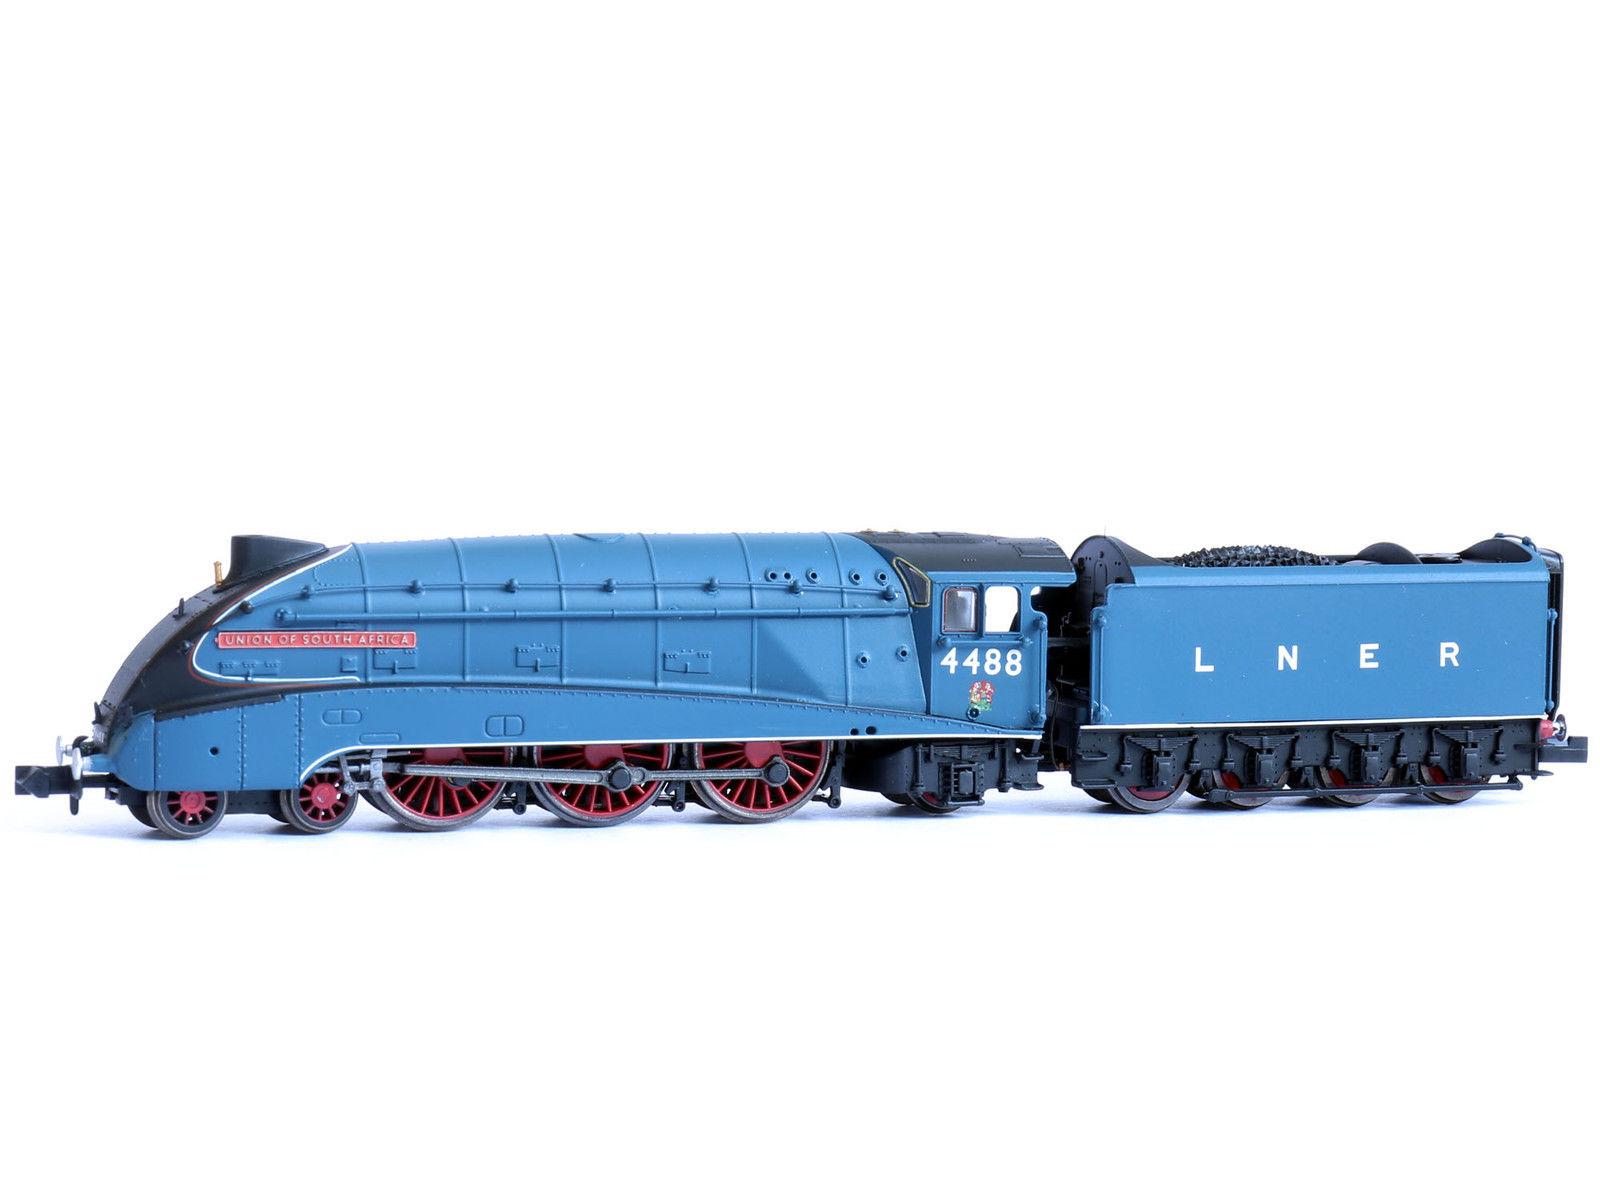 画像1: 鉄道模型 Dapol DAGM202 LNER A4 4488 Union of South Africa号 蒸気機関車 Nゲージ